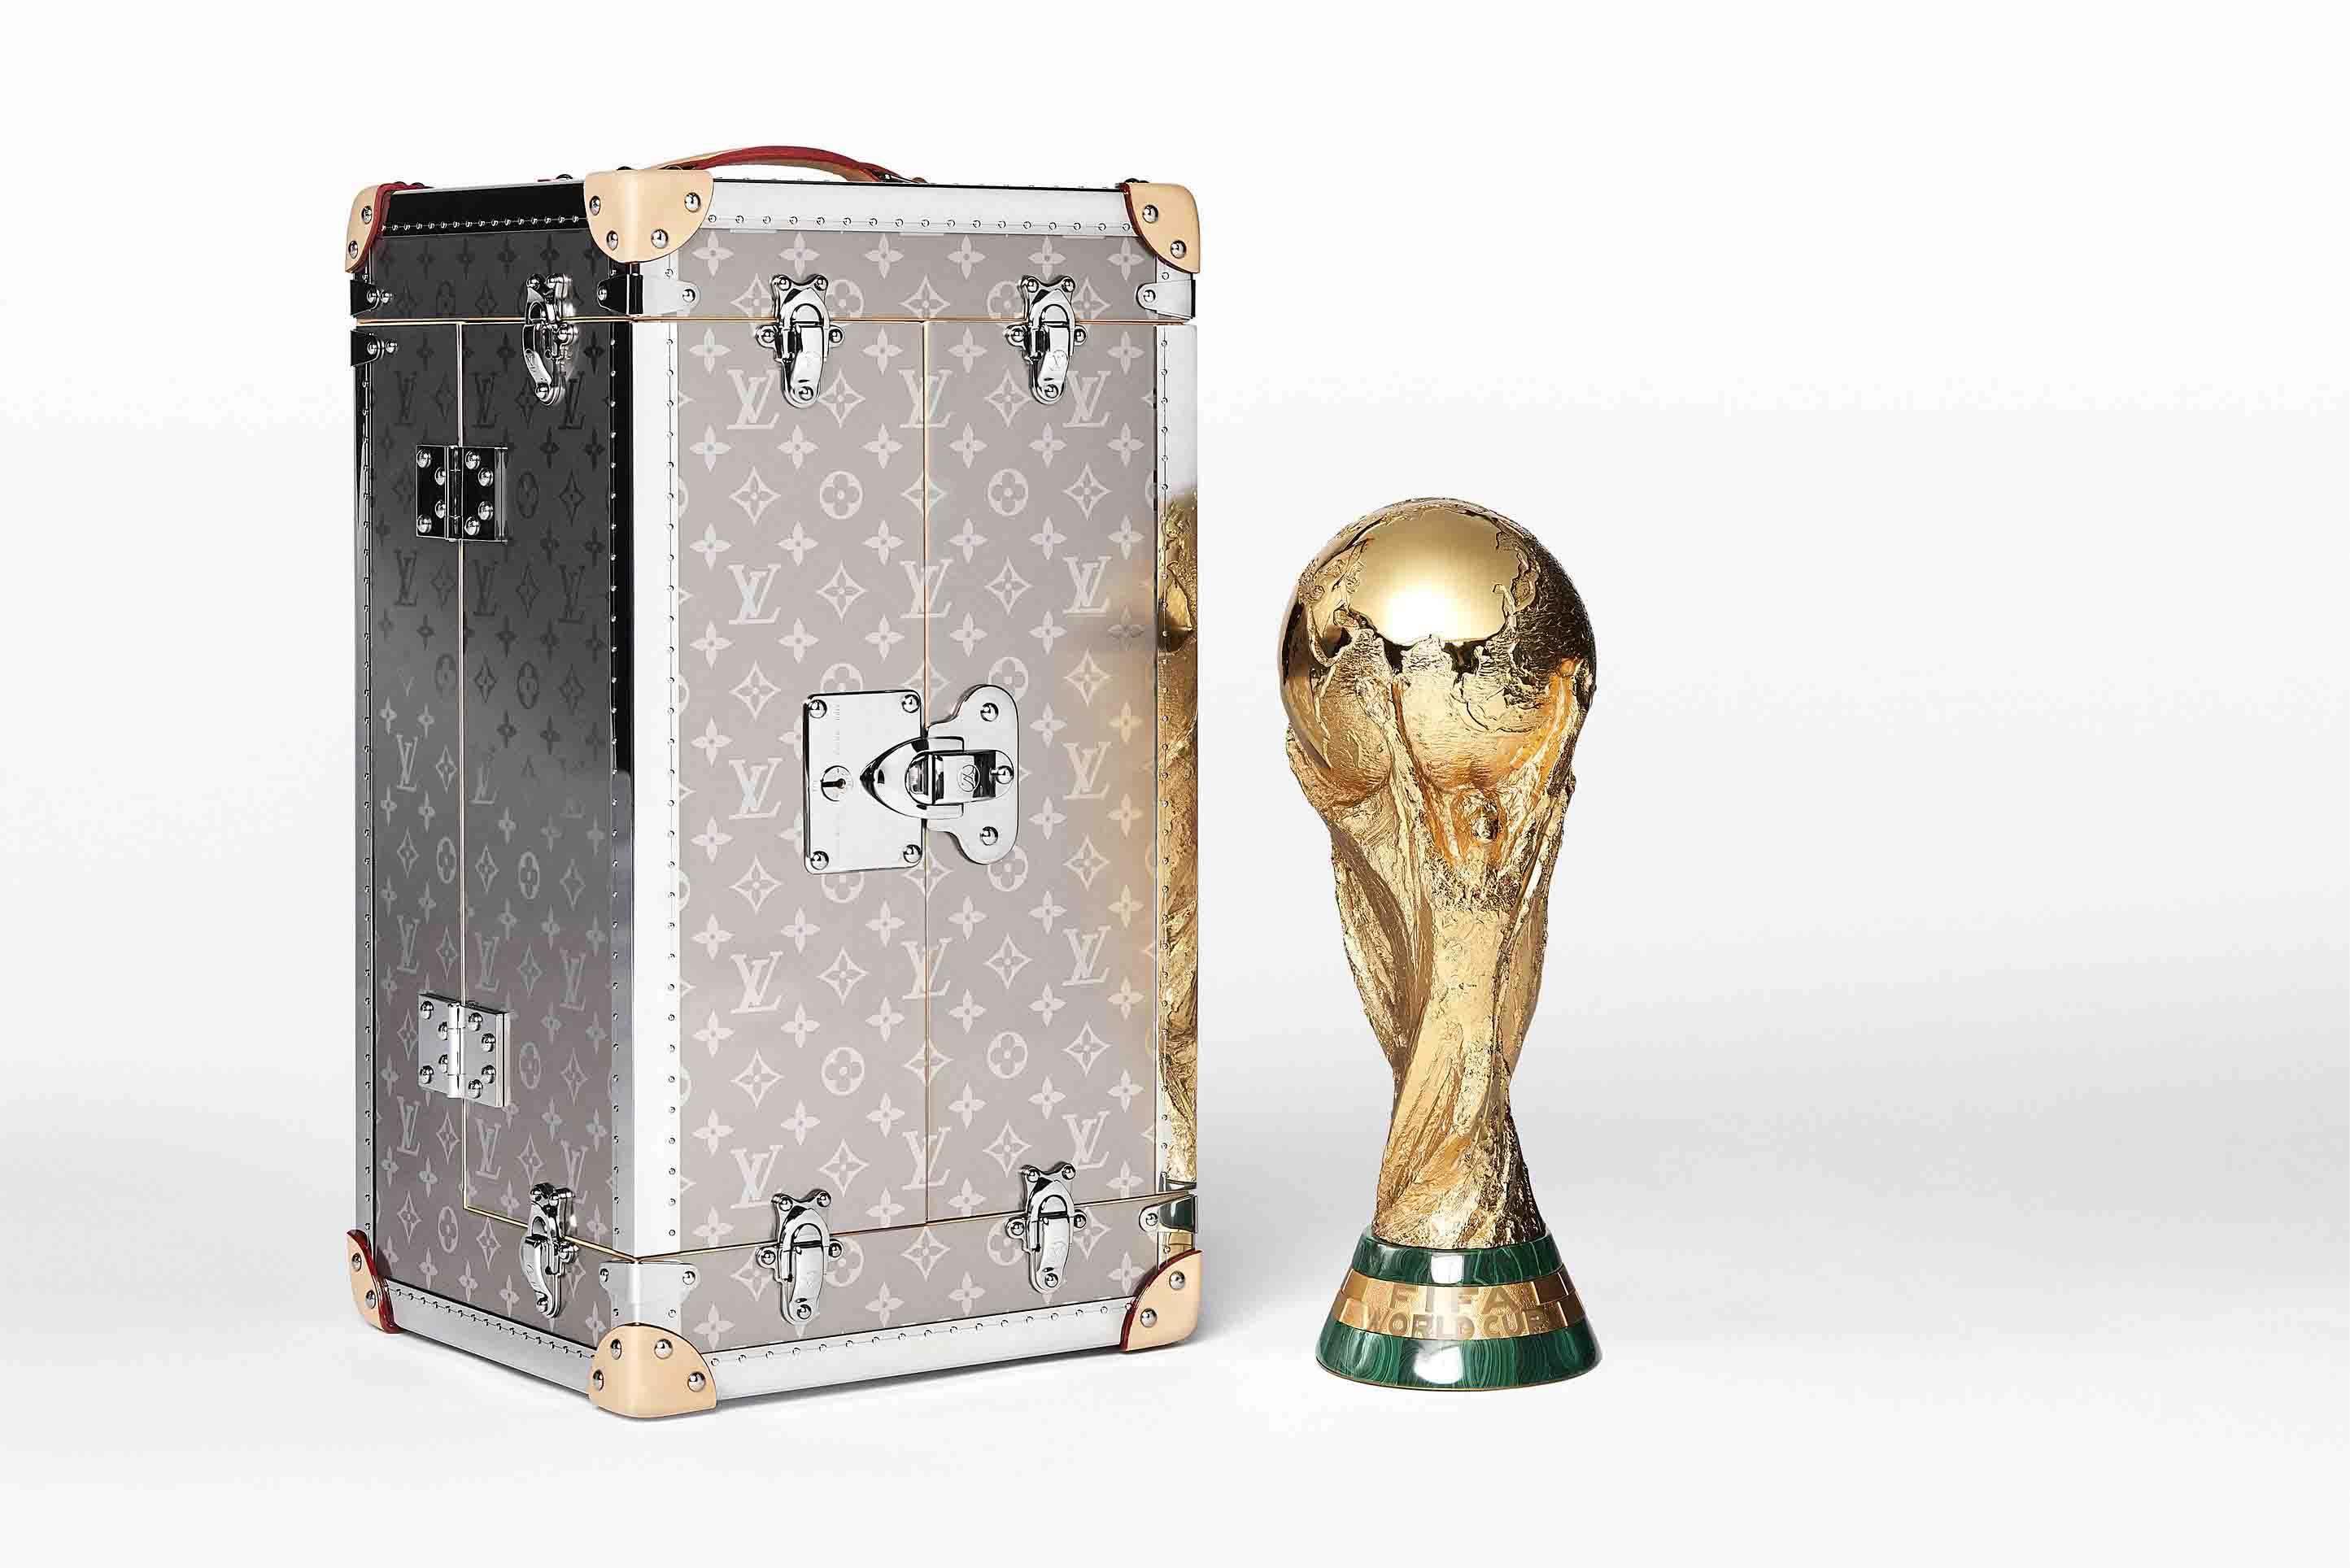 Maleta de viaje FIFA Louis Vuitton